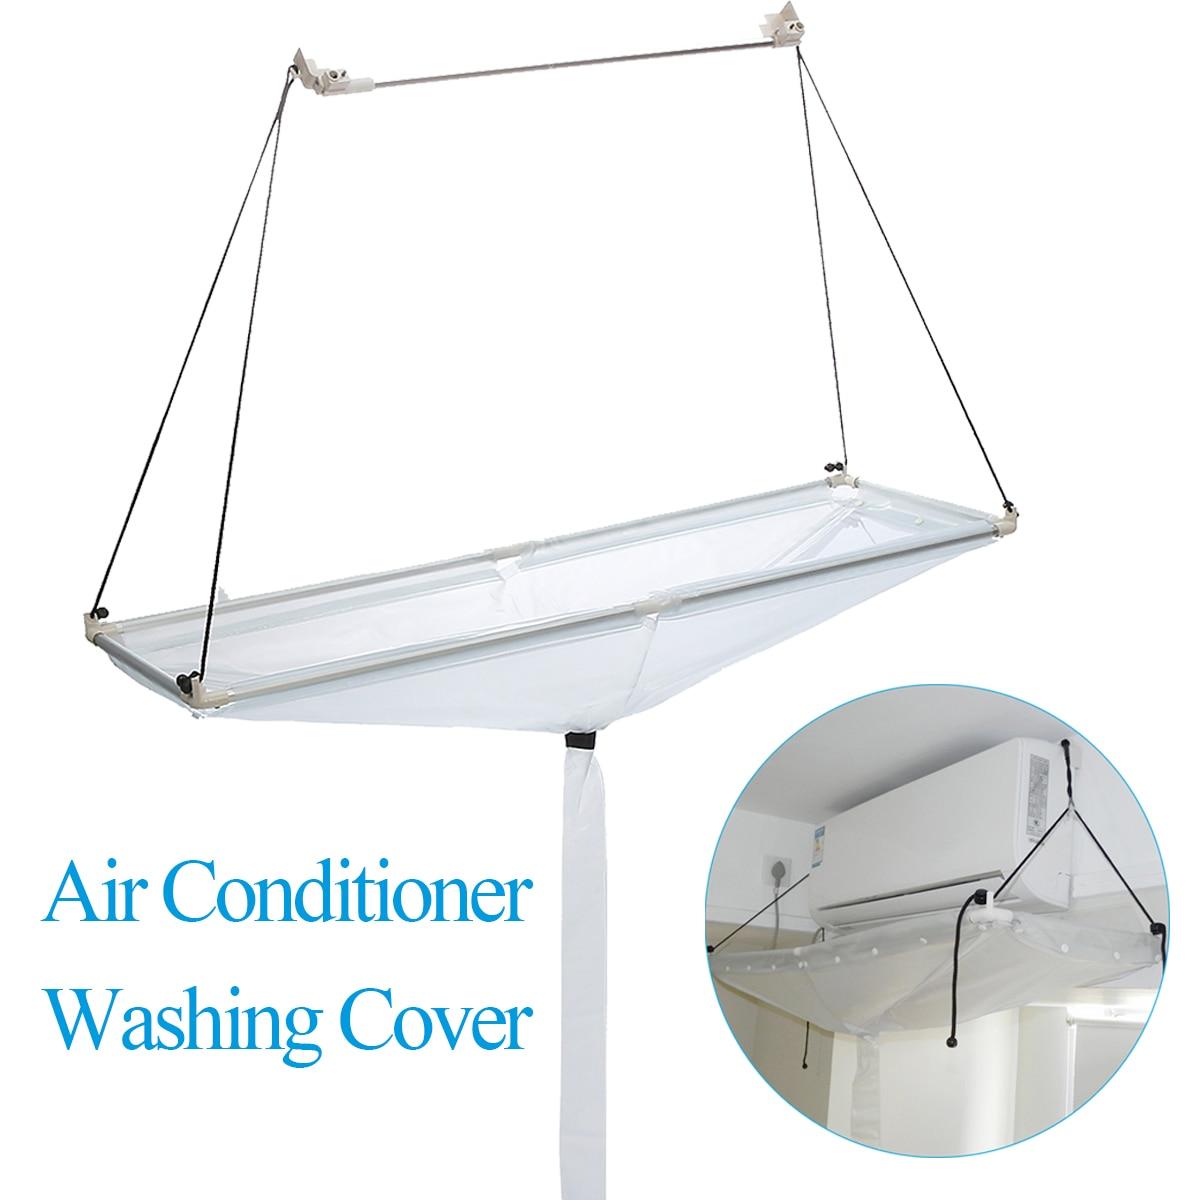 Couvercle de nettoyage de lavage de climatiseur en PVC ouvert plafond mural climatisation réutilisable outils de lavage de poussière de nettoyage